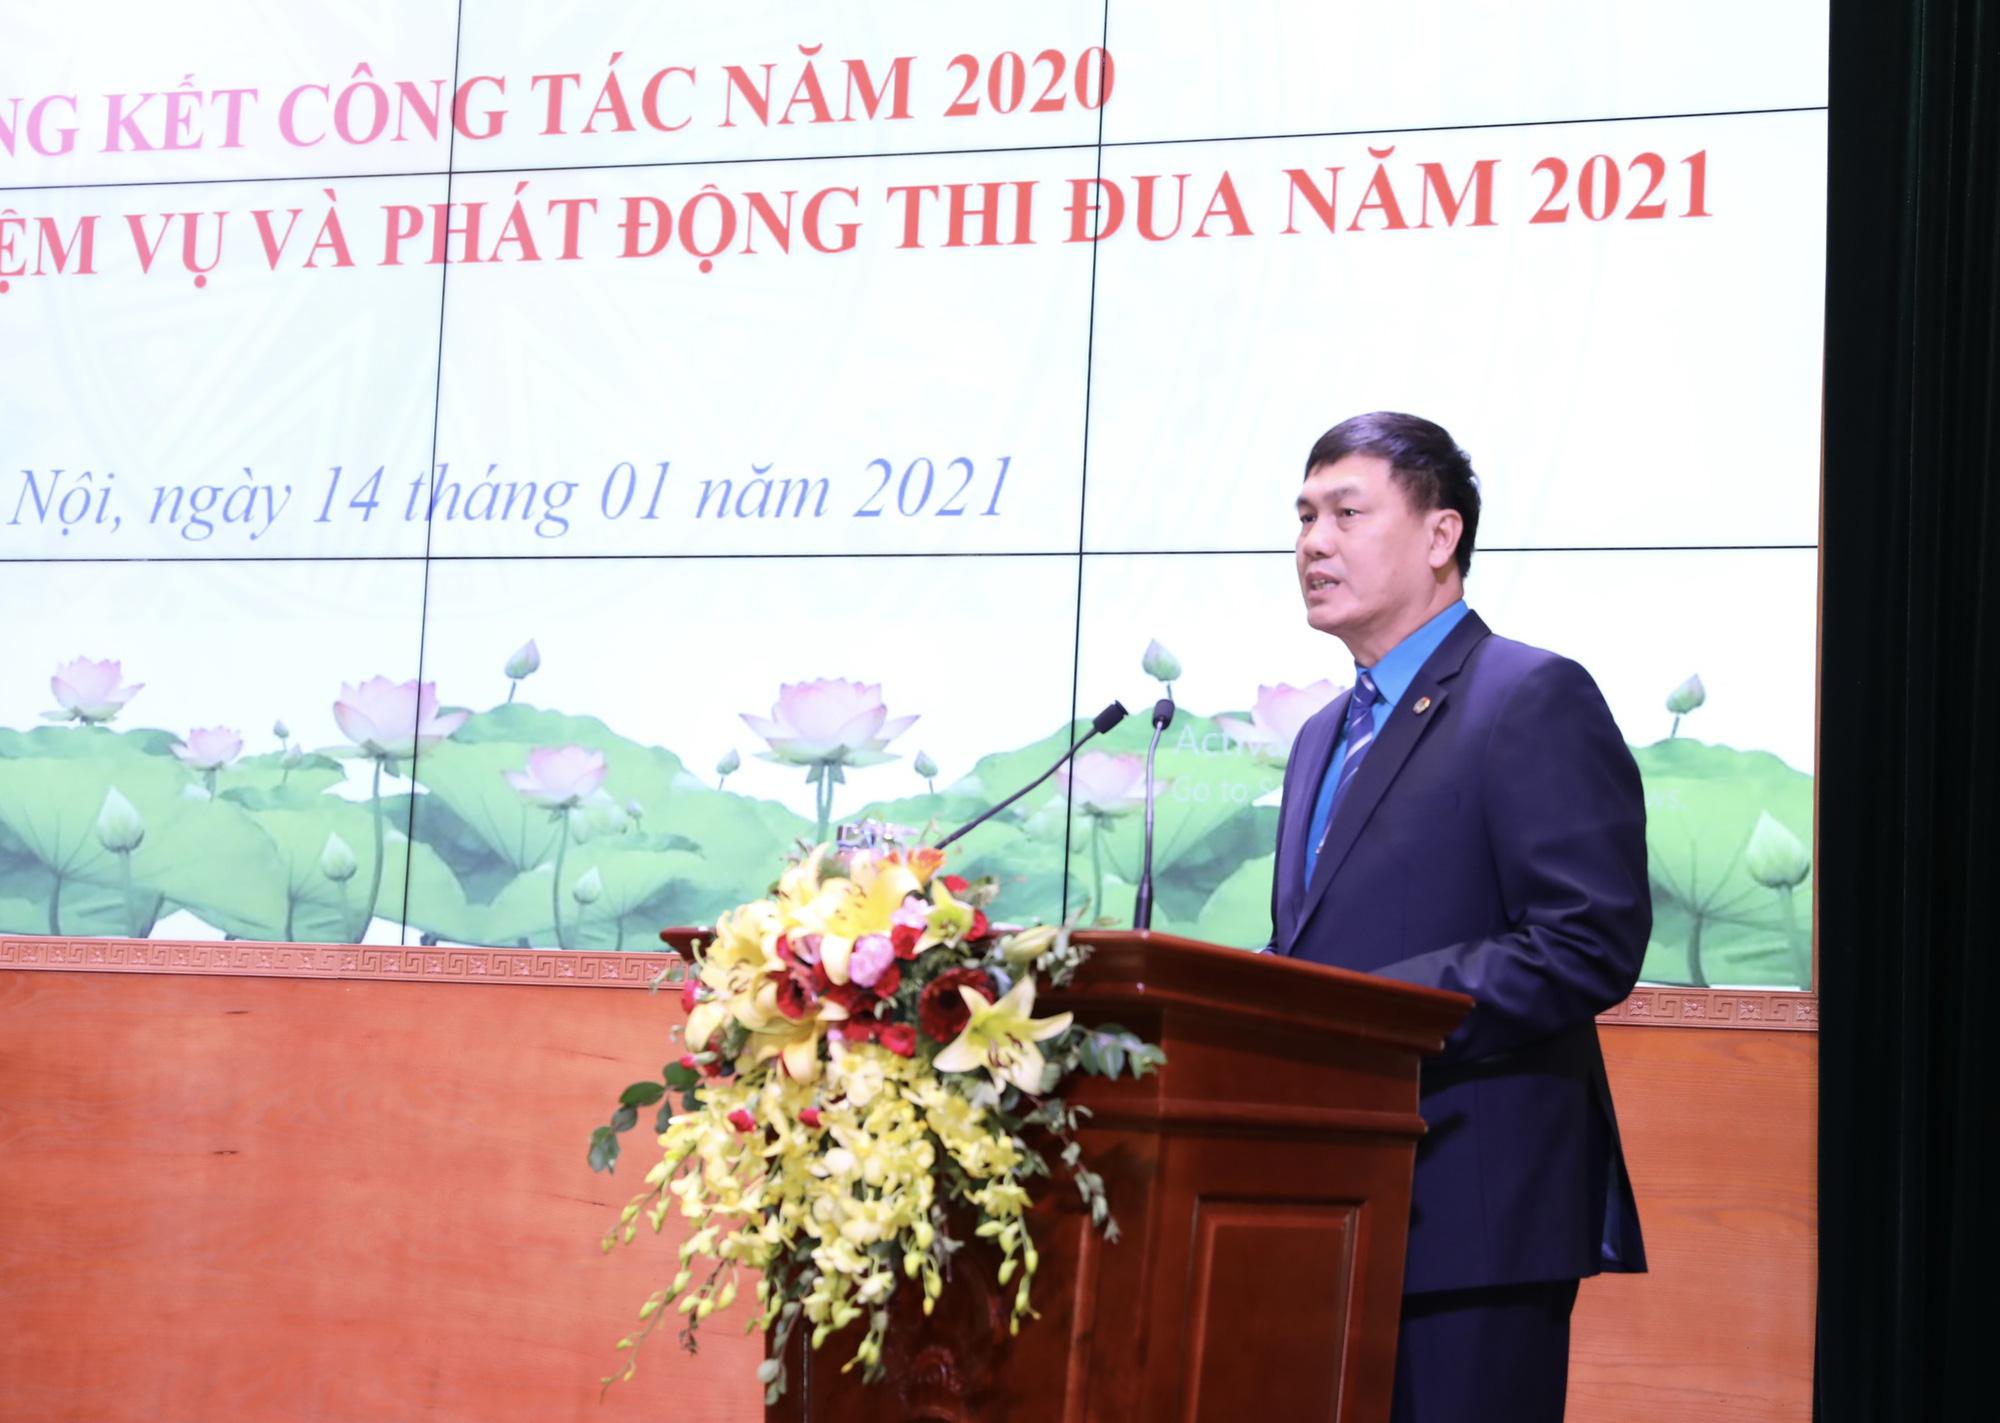 Công đoàn Bộ Văn hóa, Thể thao và Du lịch đạt được nhiều kết quả đáng ghi nhận trong năm 2020 - Ảnh 3.